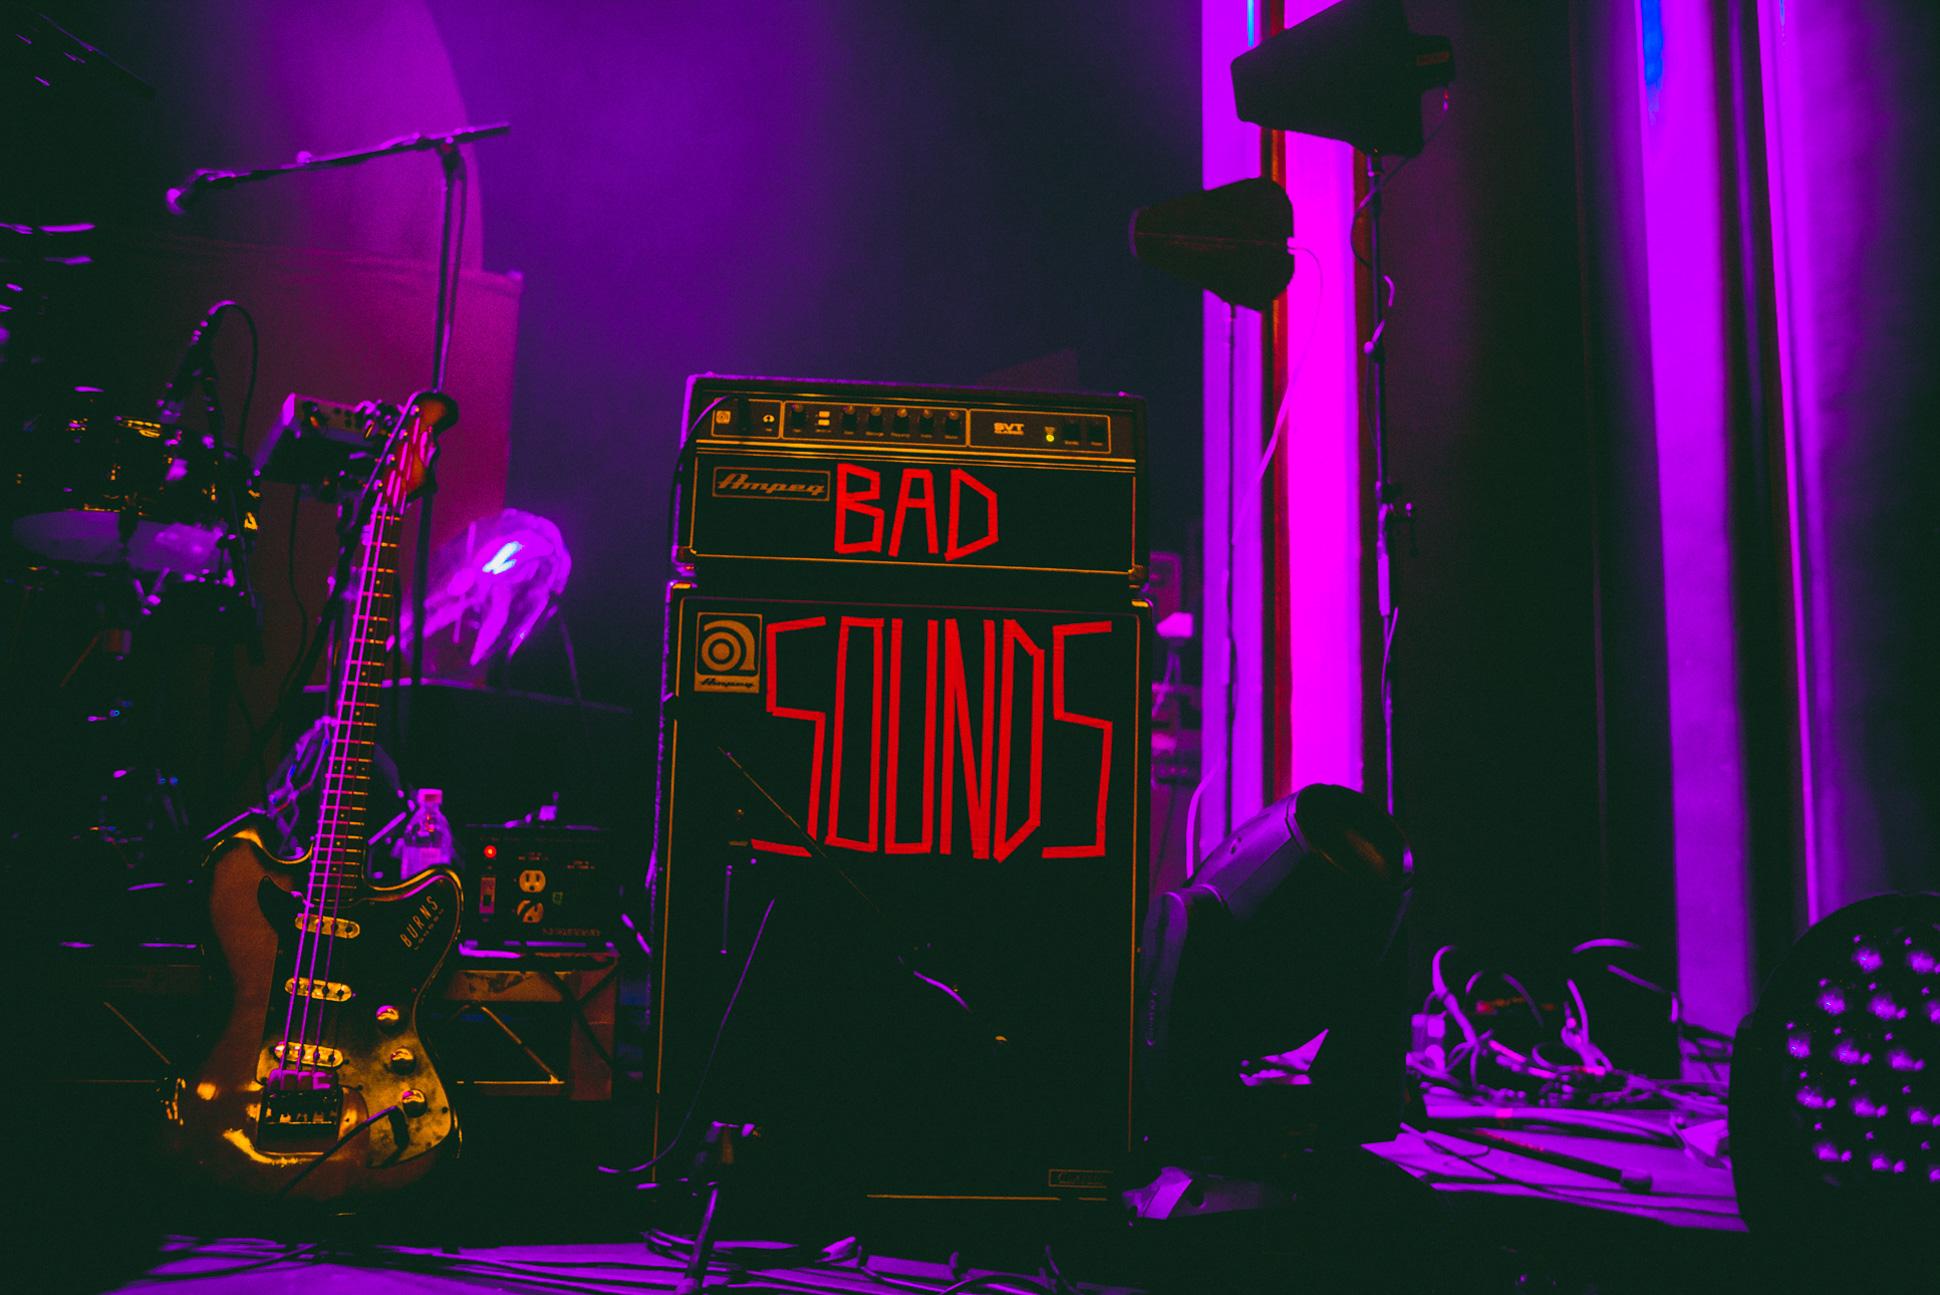 BadSounds-Vogue-04-02-19-Vancouver_ALICE HADDEN-01.jpg